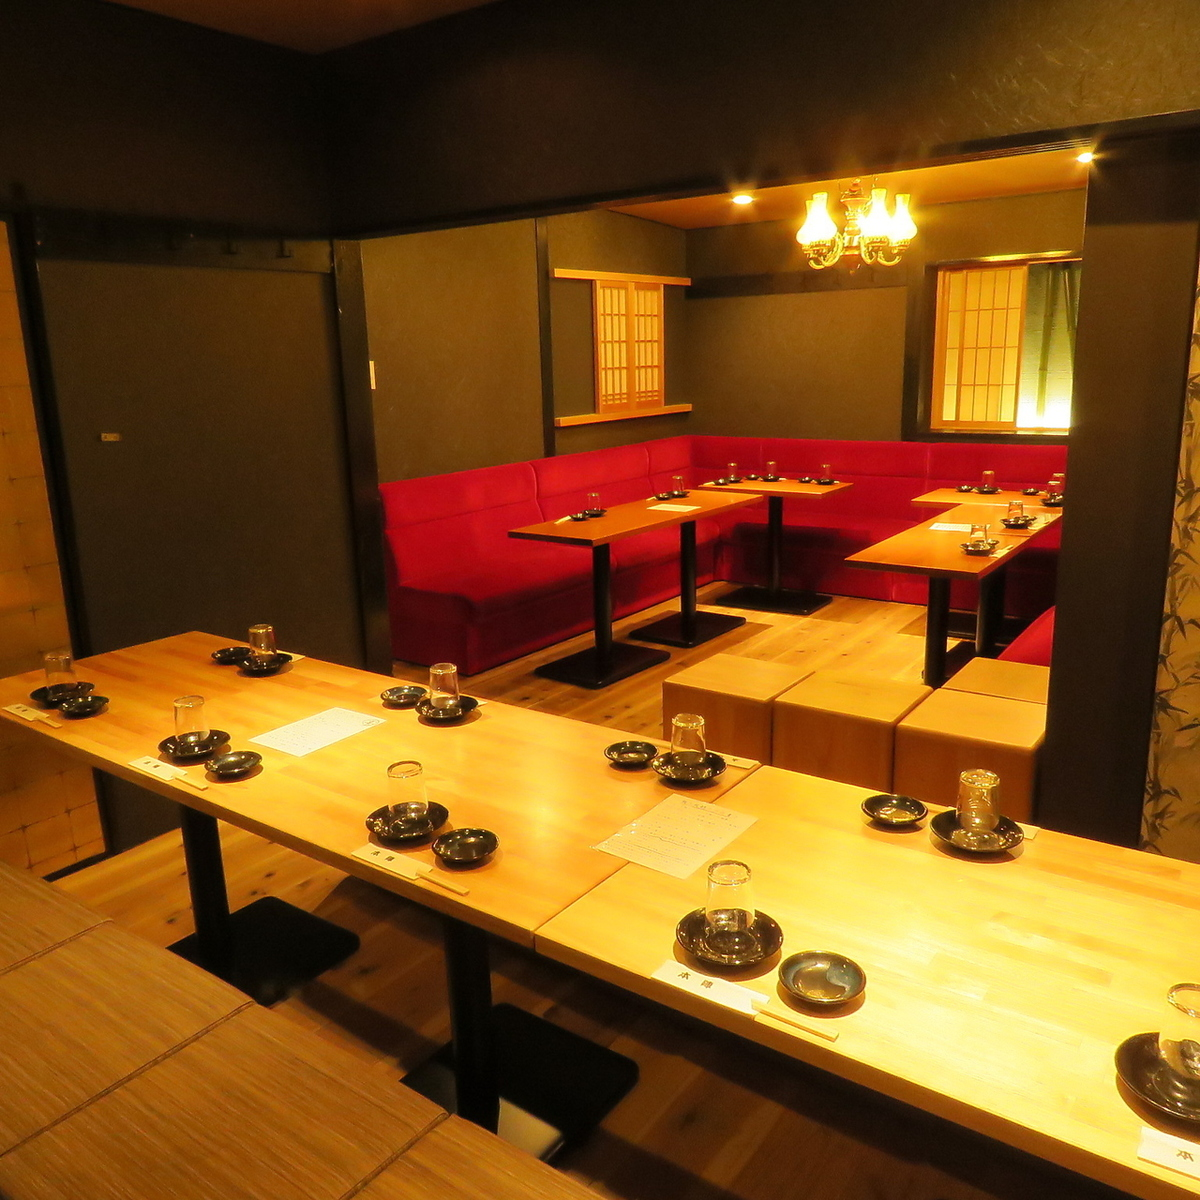 [Aoi]还有成人空间!可以吃晚餐和比较!